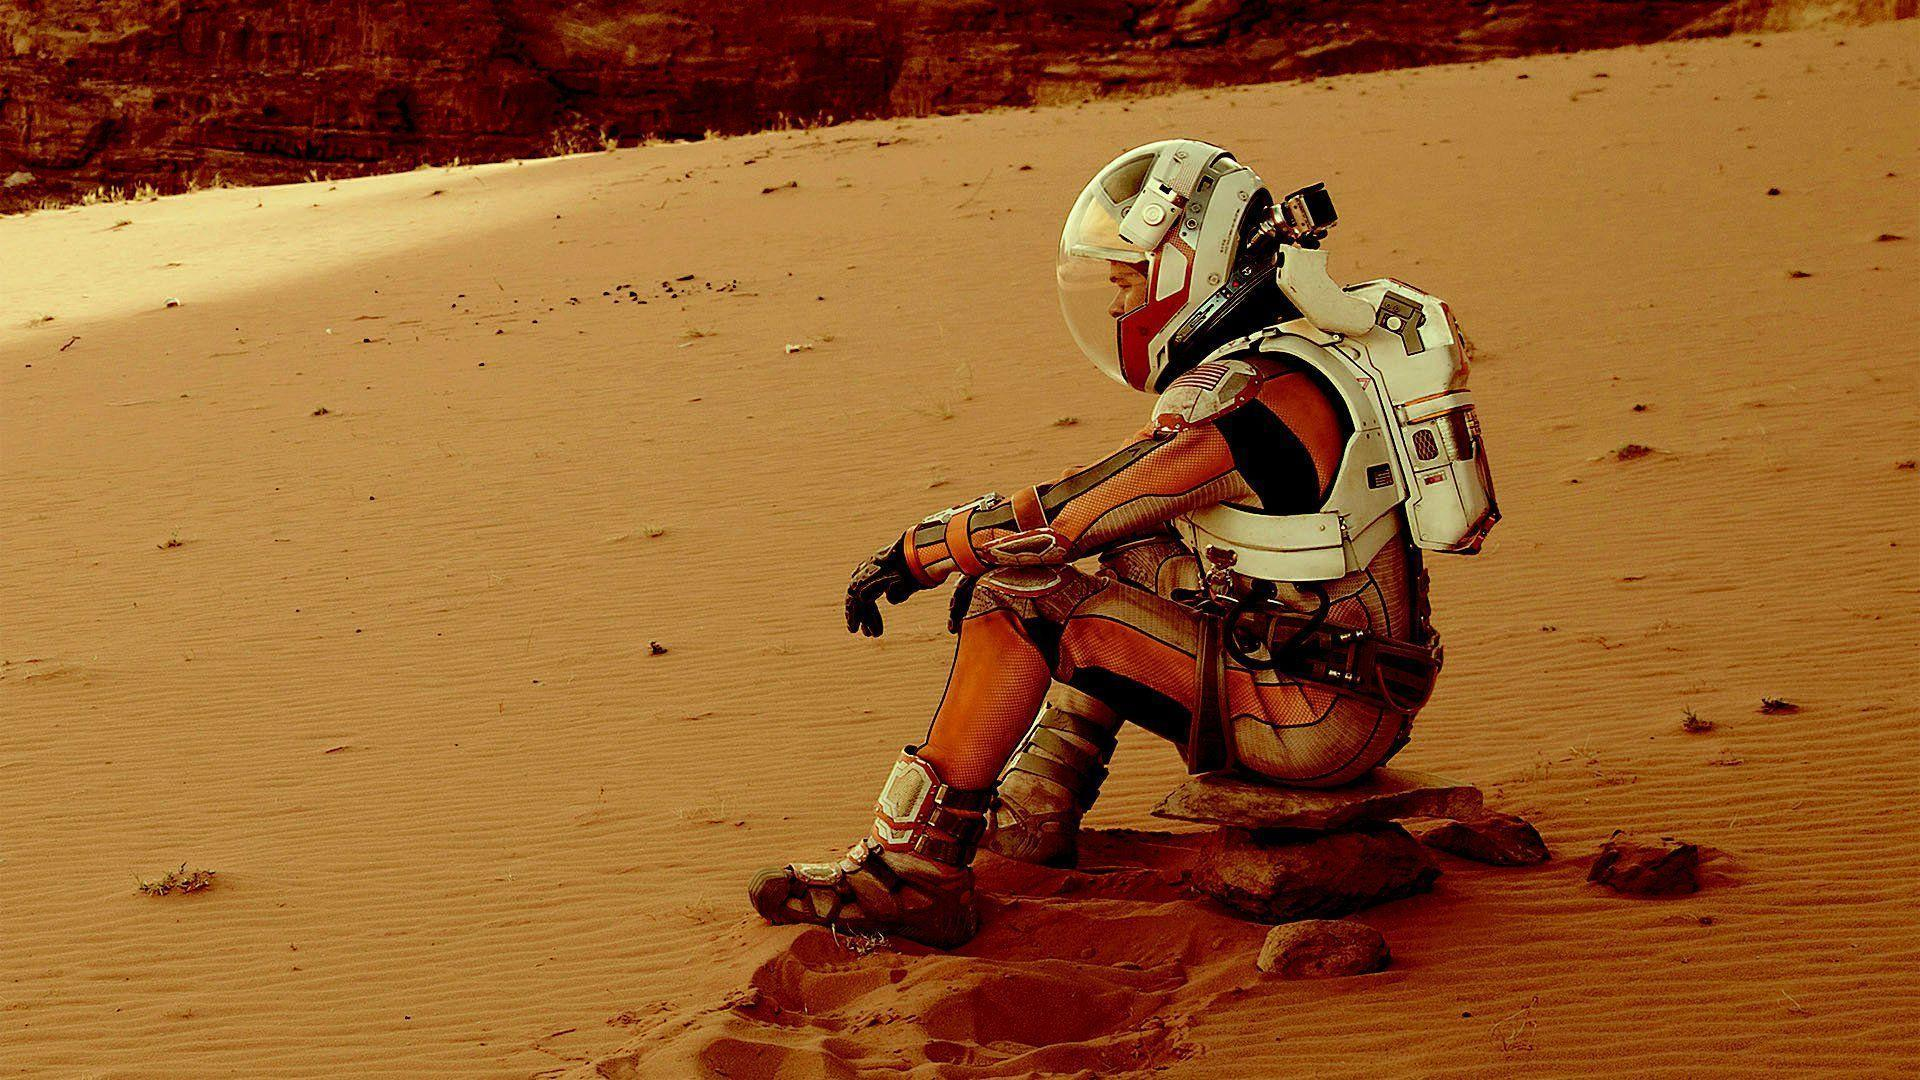 Ученые предлагают строить марсианские базы из крови, слез и пота астронавтов. Буквально